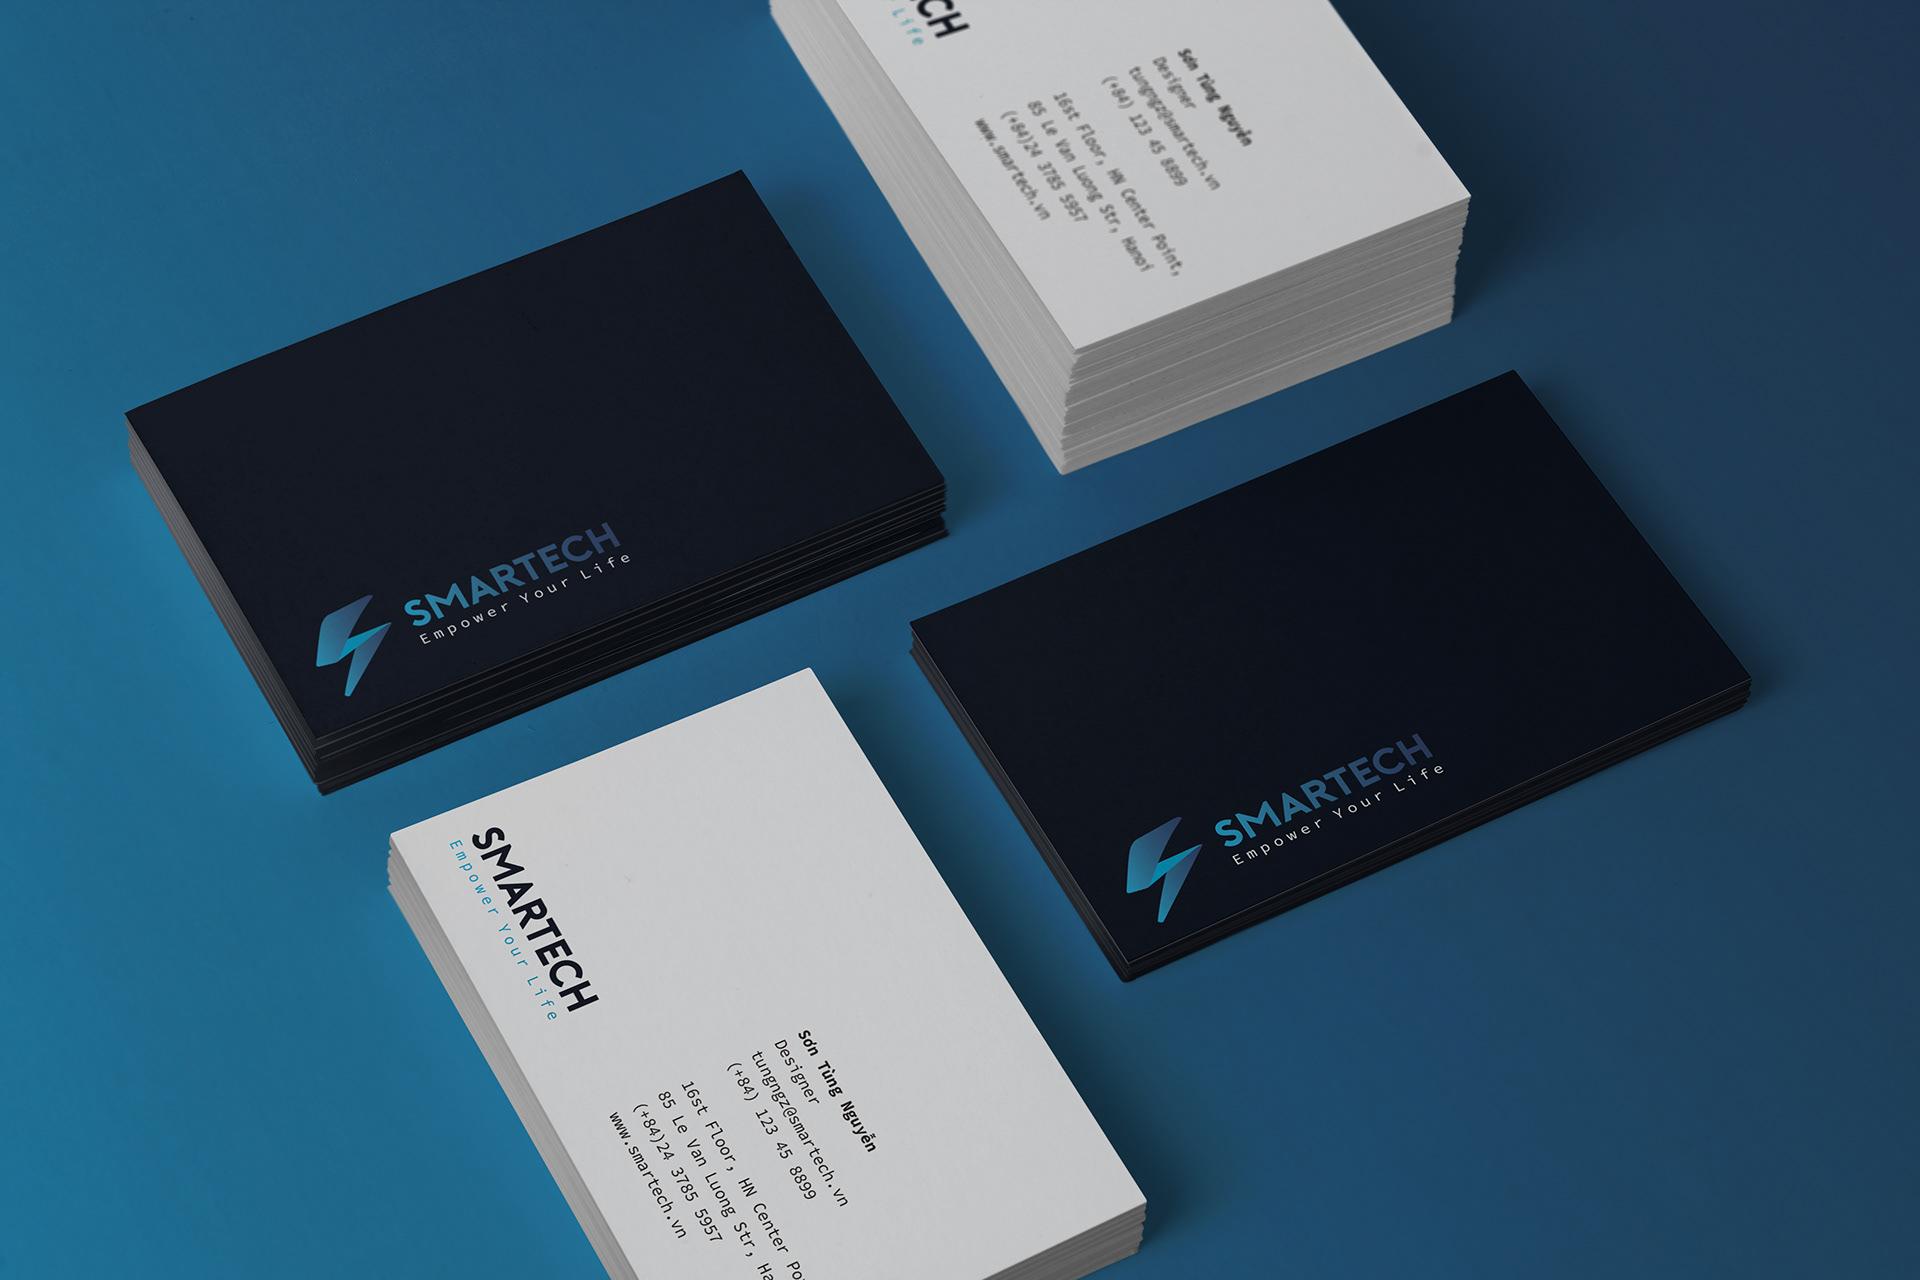 Design Studi- Online, Design Studio Online, DS-O, DSO, dsovn, design studio, studio online, design, studio, dịch vụ thiết kế đồ họa chuyên nghiệp, dịch vụ graphic design, dịch vụ design, dịch vụ tư vấn định hướng hình ảnh chuyên nghiệp, dịch vụ thiết kế nhận diện thương hiệu, dịch vụ thiết kế hệ thống nhận diện thương hiệu, dịch vụ thiết kế visual identity, dịch vụ thiết kế logo, dịch vụ thiết kế biểu tượng thương hiệu, dịch vụ thiết kế logosymbol, dịch vụ thiết kế logotype, dịch vụ thiết kế bản sắc thương hiệu, dịch vụ thiết kế pattern, dịch vụ thiết kế hoạ tiết, dịch vụ thiết kế ứng dụng thương hiệu, dịch vụ thiết kế guidelines thương hiệu, dịch vụ thiết kế ấn phẩm văn phòng, dịch vụ thiết kế danh thiếp, dịch vụ thiết kế tiêu đề thư, dịch vụ thiết kế phong bì, dịch vụ thiết kế kẹp file, dịch vụ thiết kế bìa đĩa cd, dịch vụ thiết kế biển hiệu, dịch vụ thiết kế trang trí văn phòng, dịch vụ thiết kế trang trí cửa hàng.